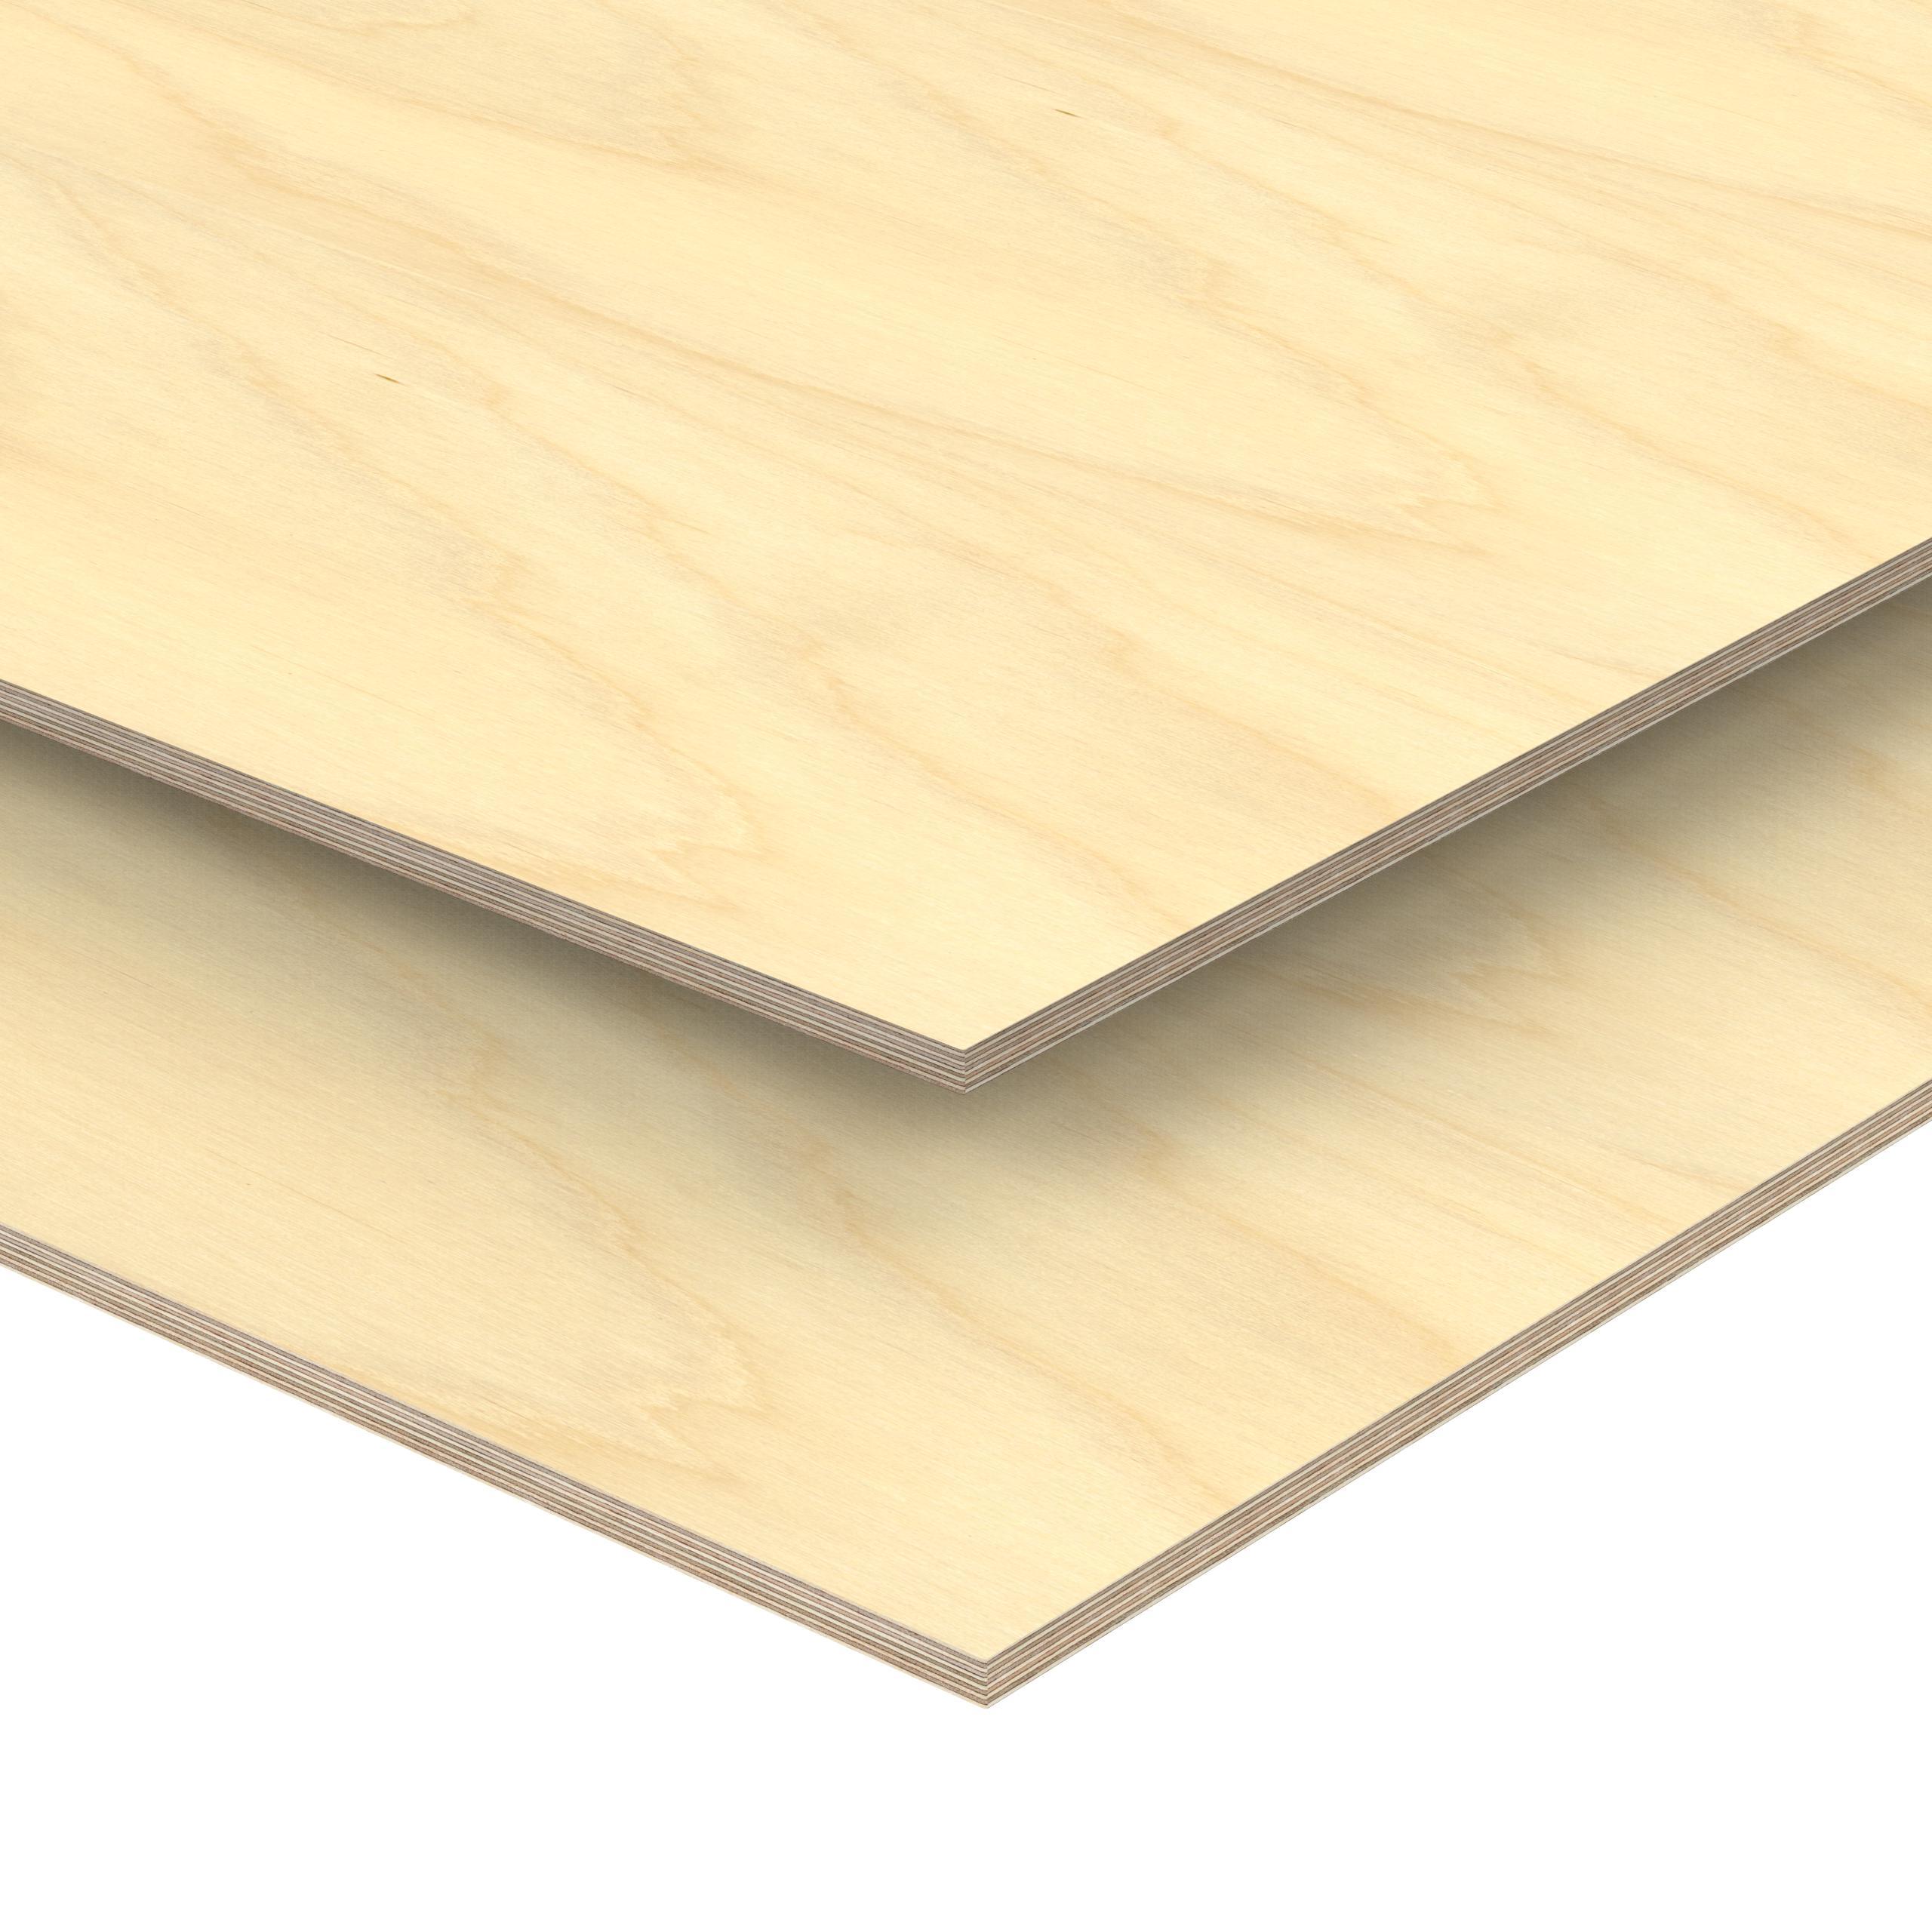 8mm Sperrholz-Platten Zuschnitt L/änge bis 150cm Birke Multiplex-Platten Zuschnitte Auswahl 20x80 cm